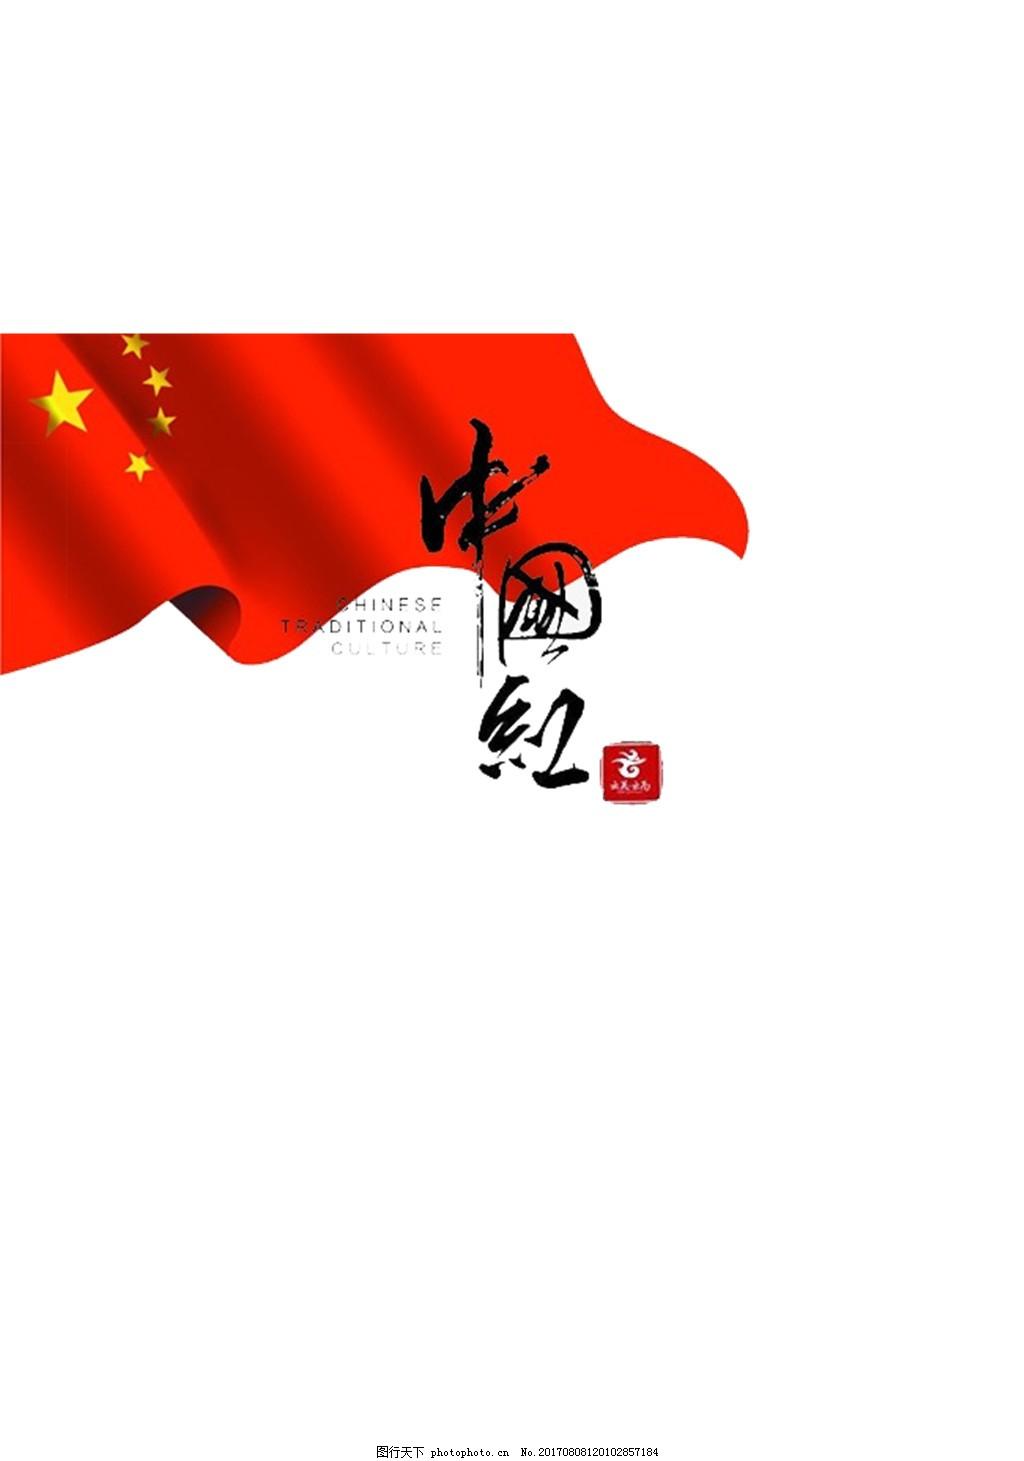 中国红国旗元素素材 国庆海报素材 国庆节快乐模板下载 国庆背景